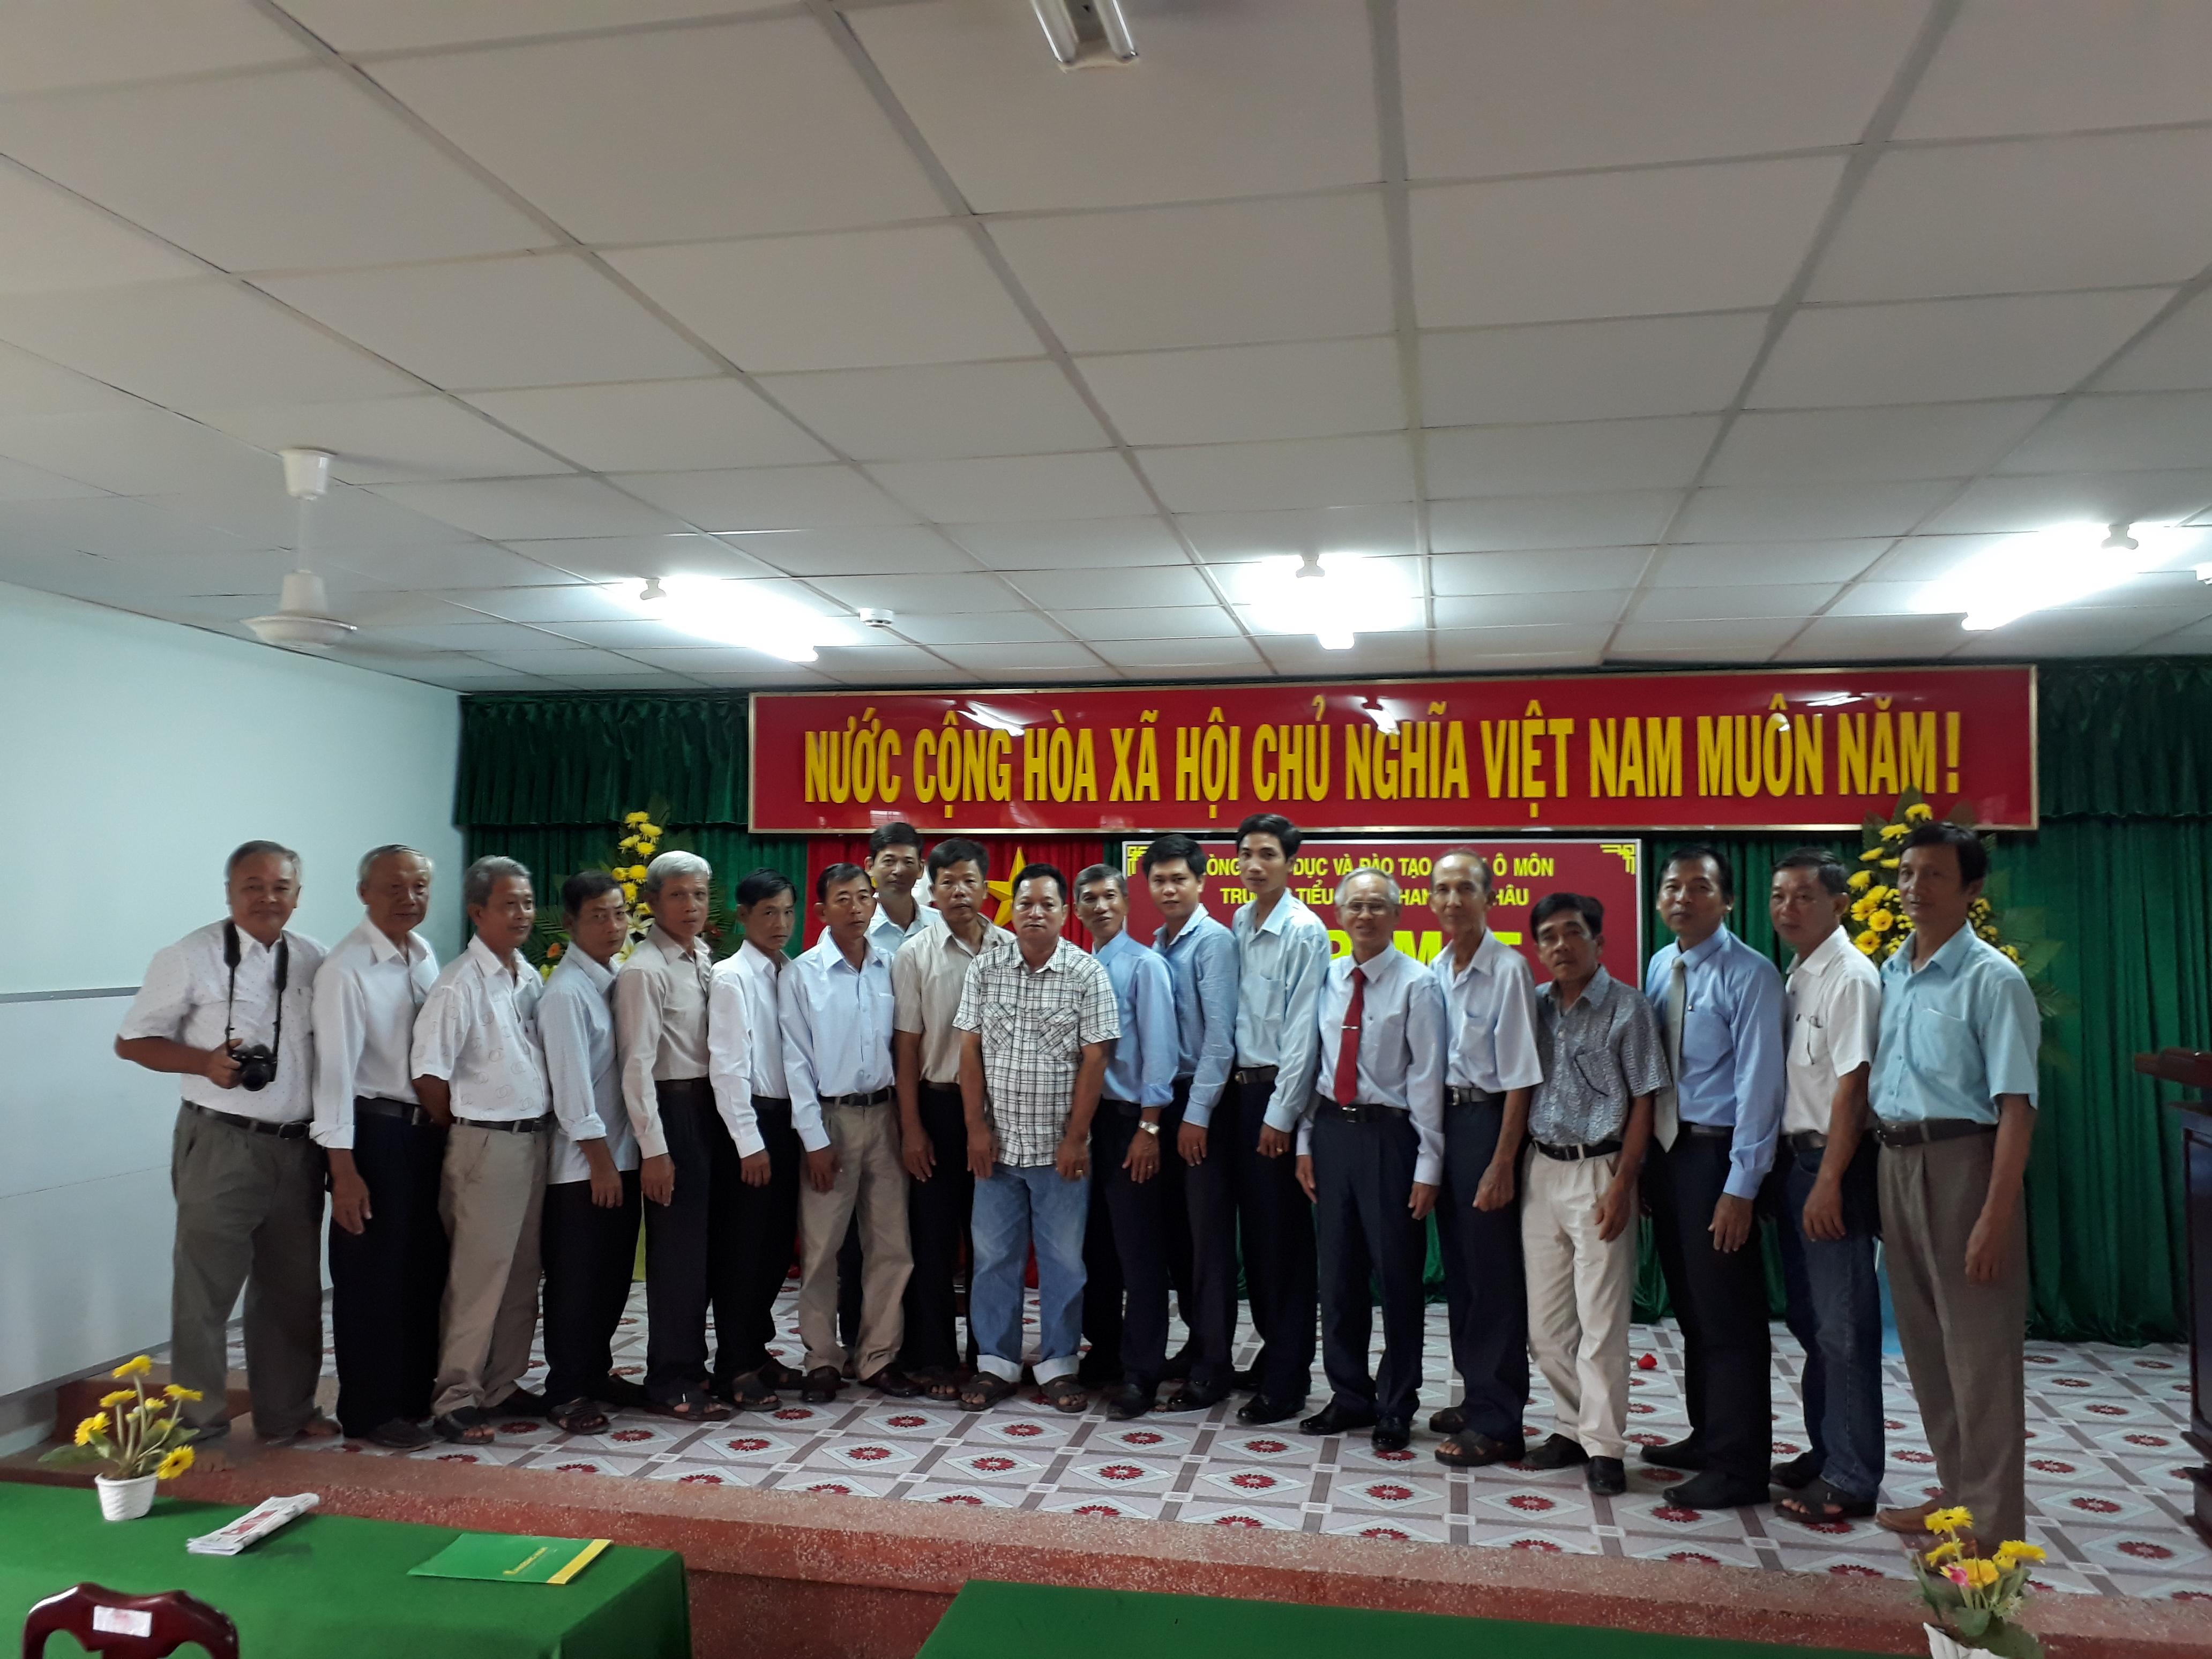 20171120_082559.jpg - Hình ảnh ngày nhà giáo Việt Nam 20/11